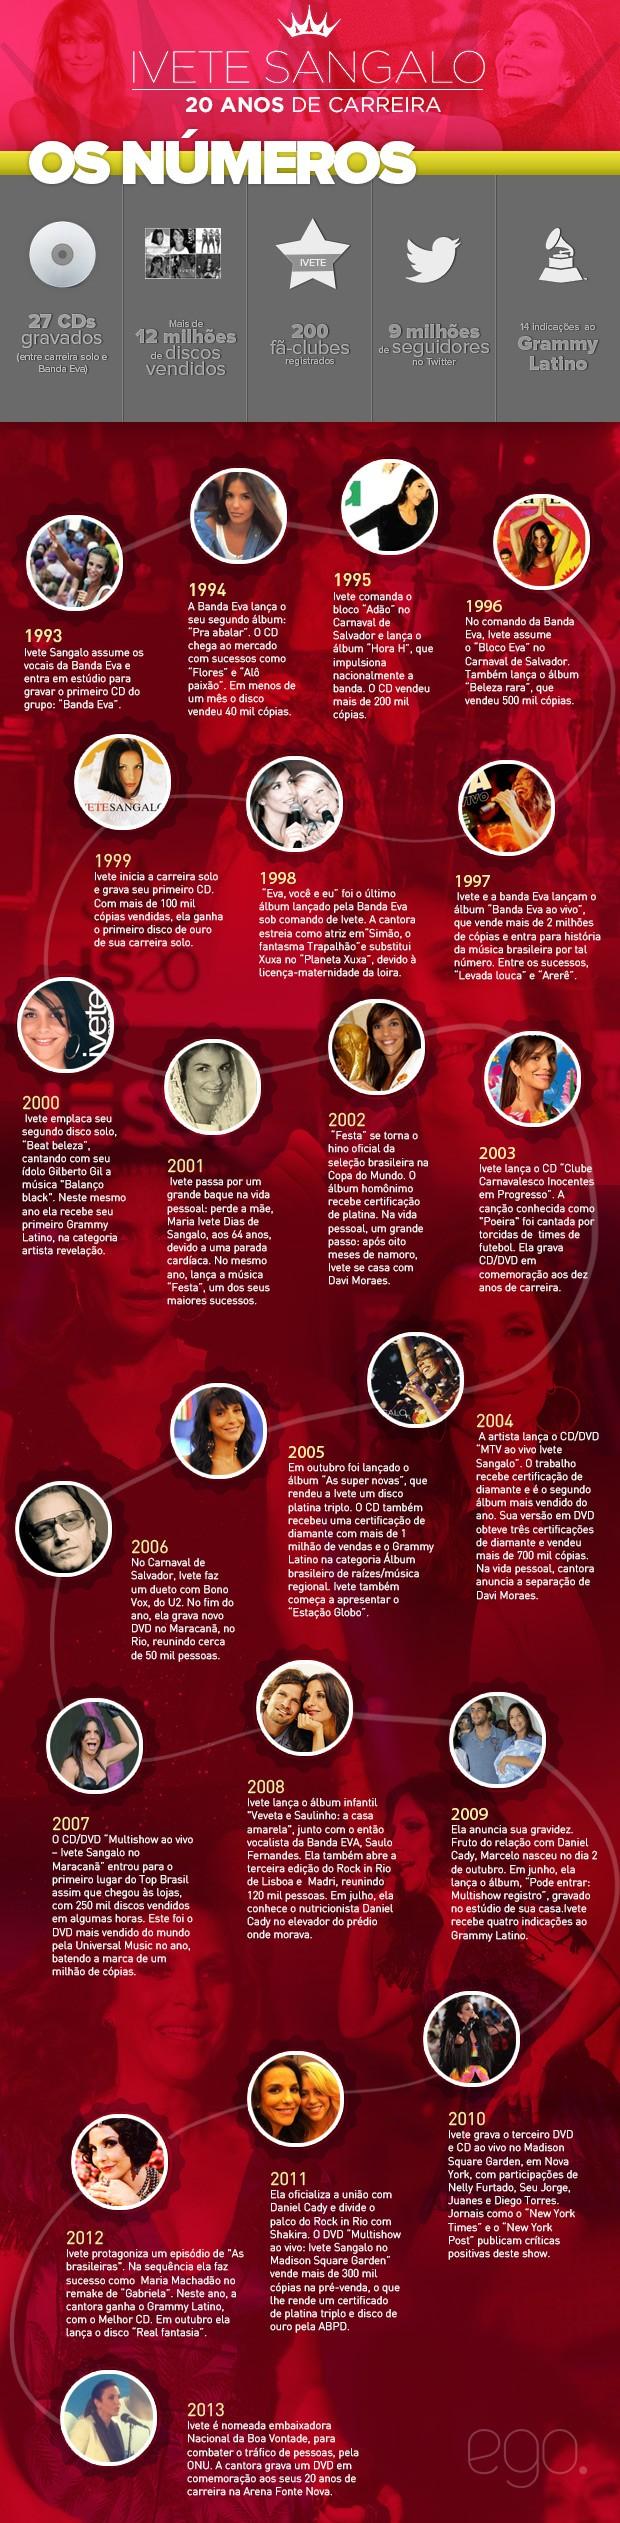 Ivete Sangalo - 20 anos de carreira (Foto: EGO)